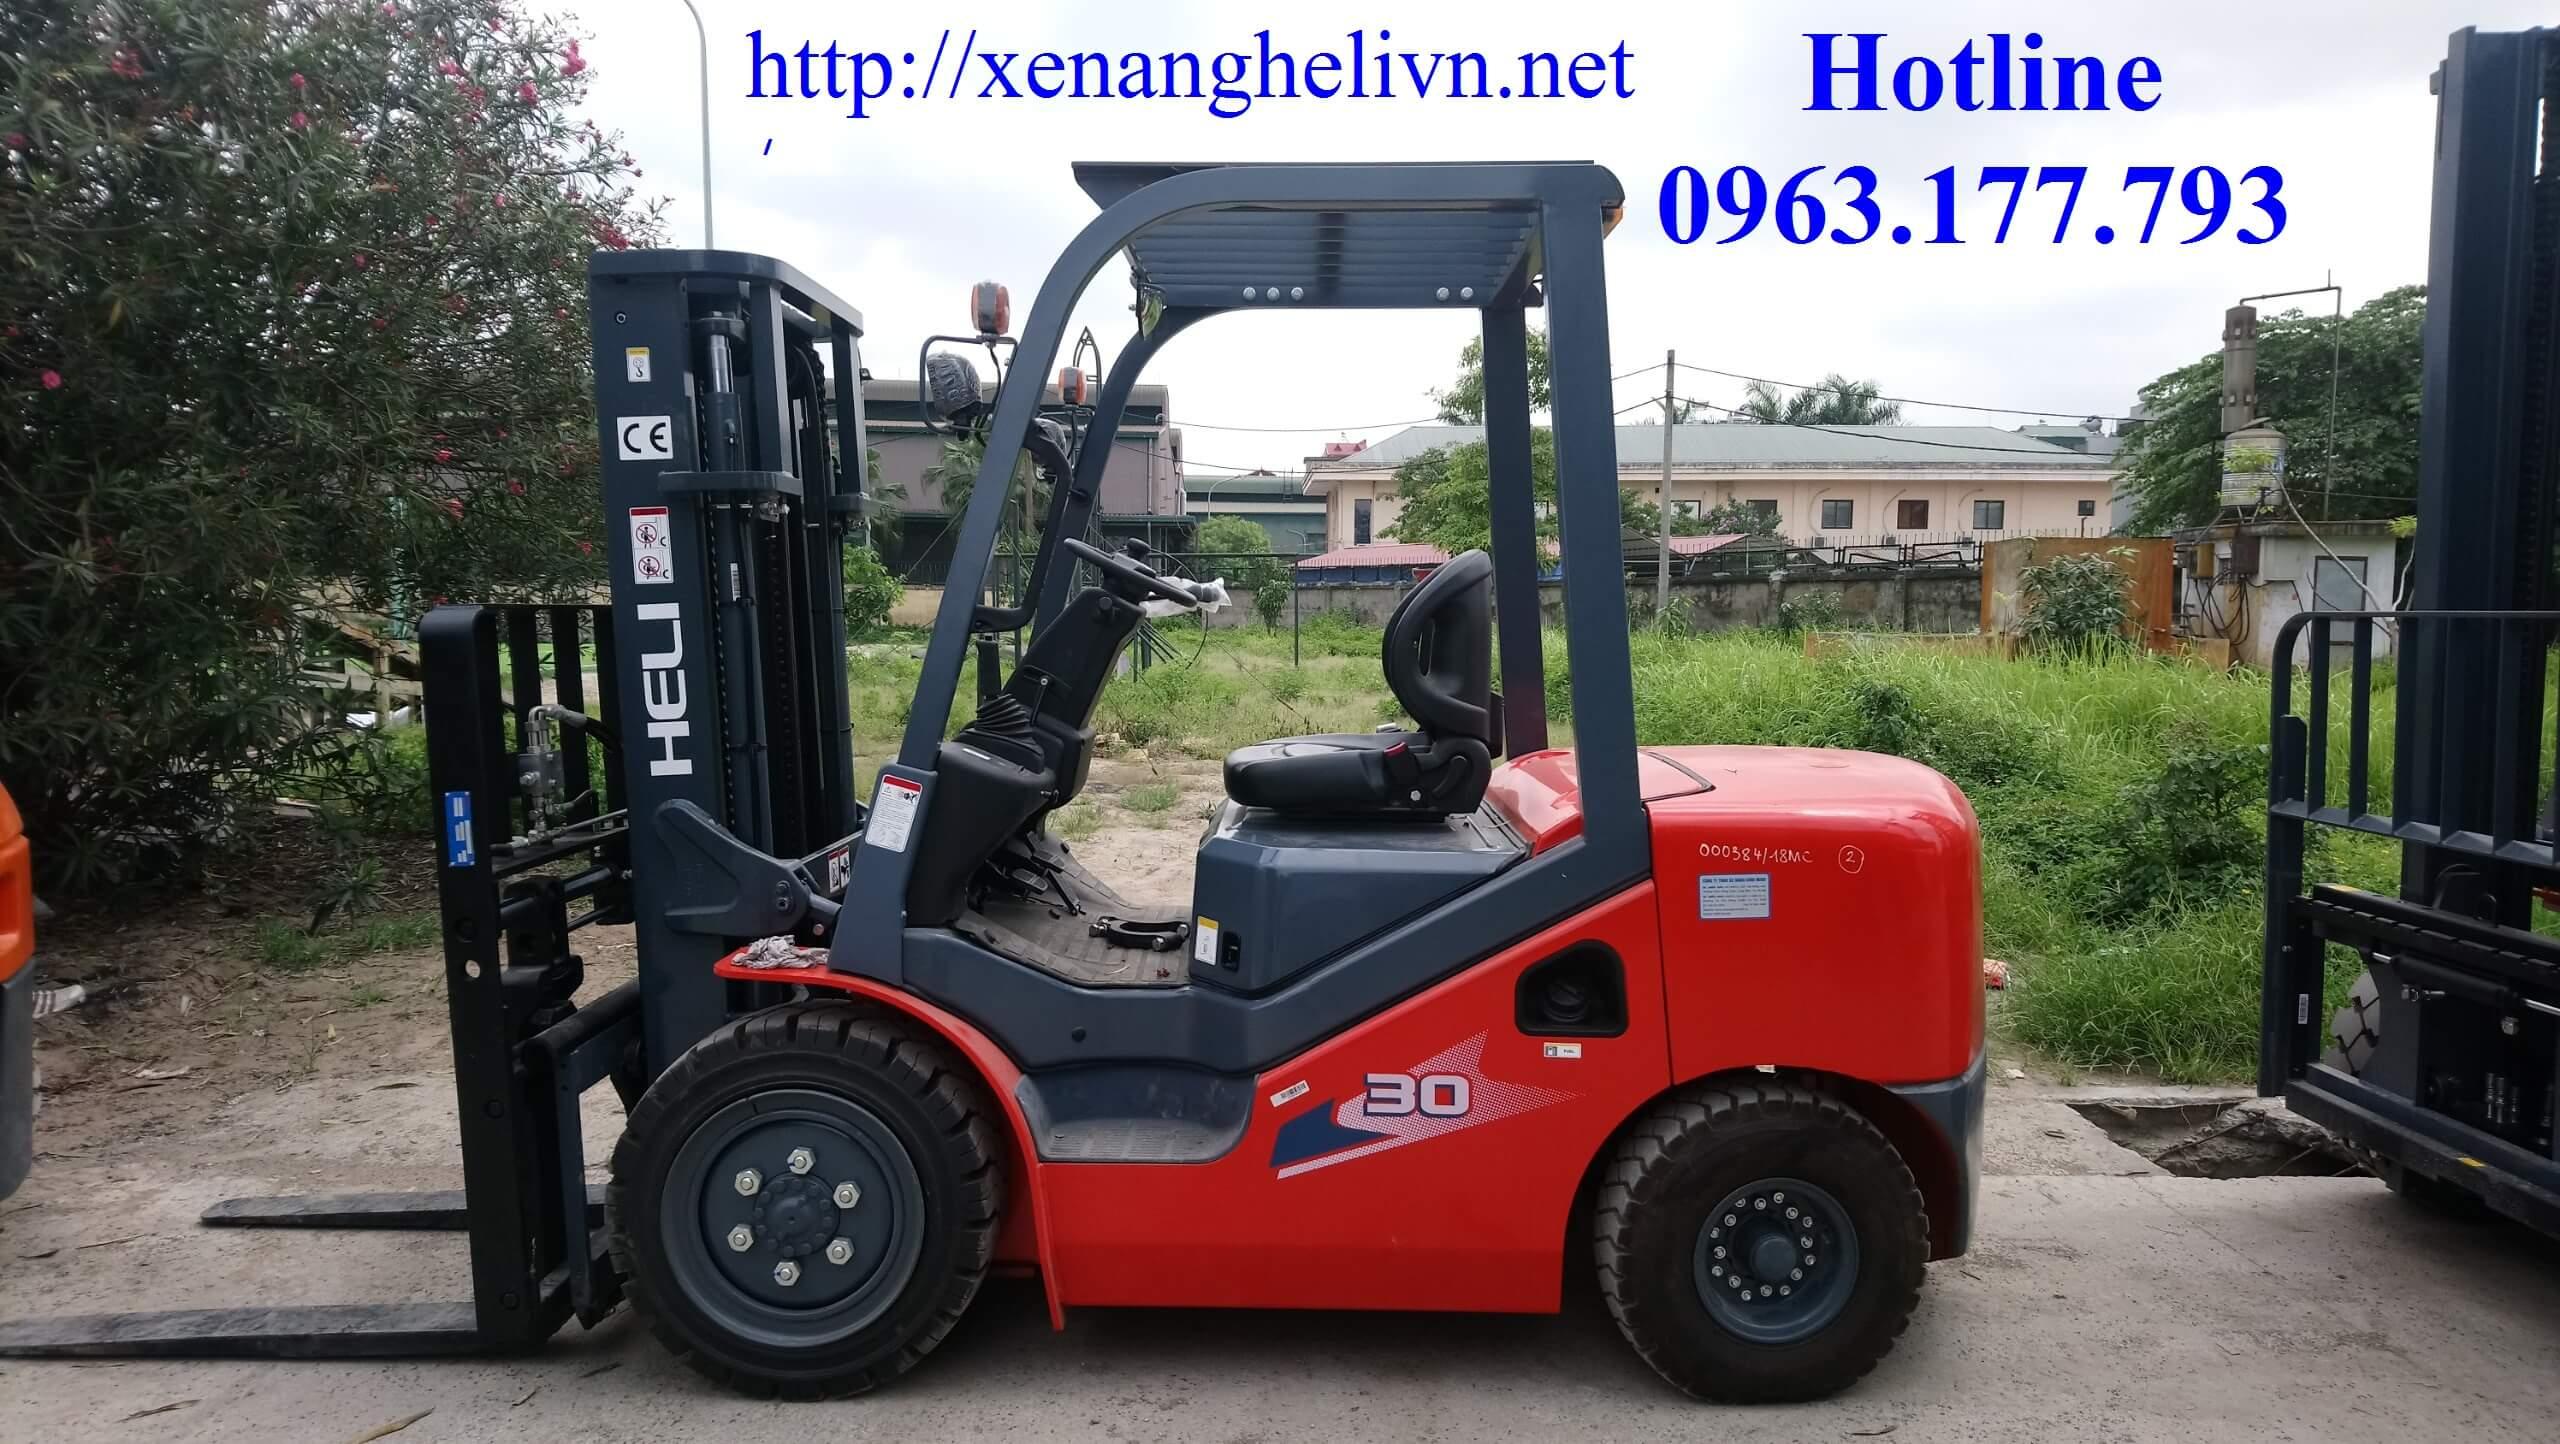 Xe Nâng Chui Container - Xe Nâng Heli Trung Quốc Cao Cấp